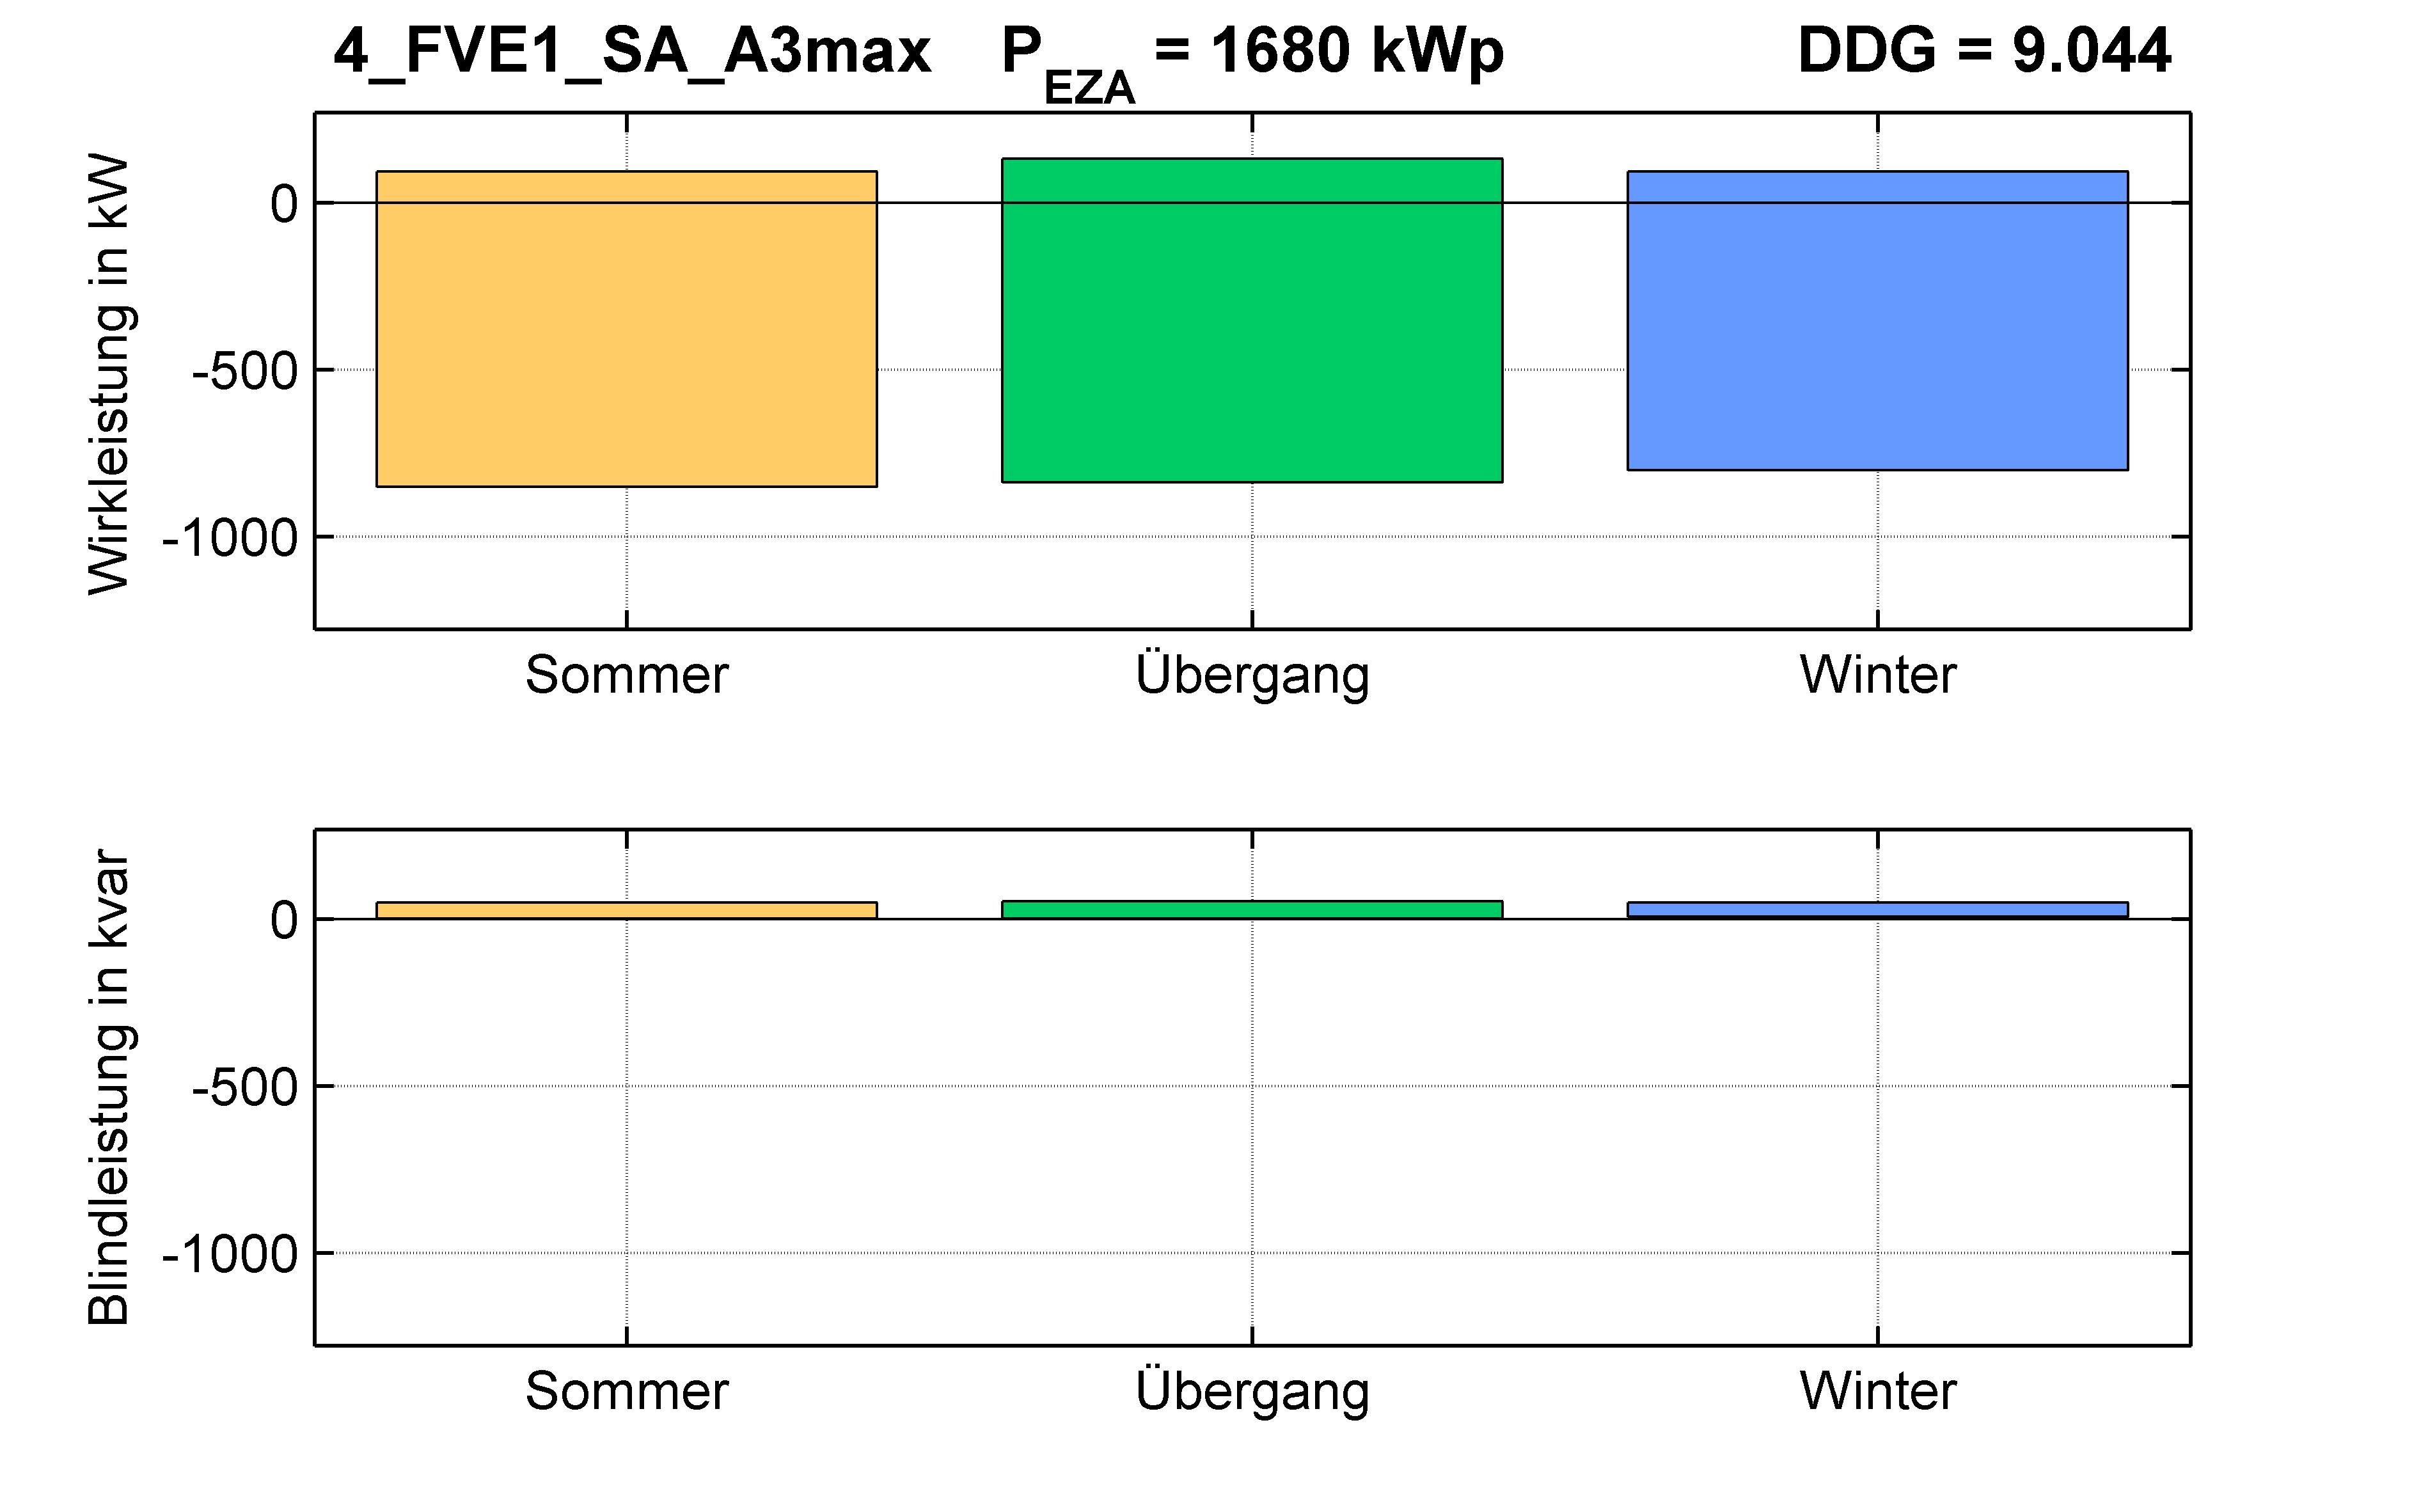 FVE1 | P-Kappung 55% (SA) A3max | PQ-Bilanz